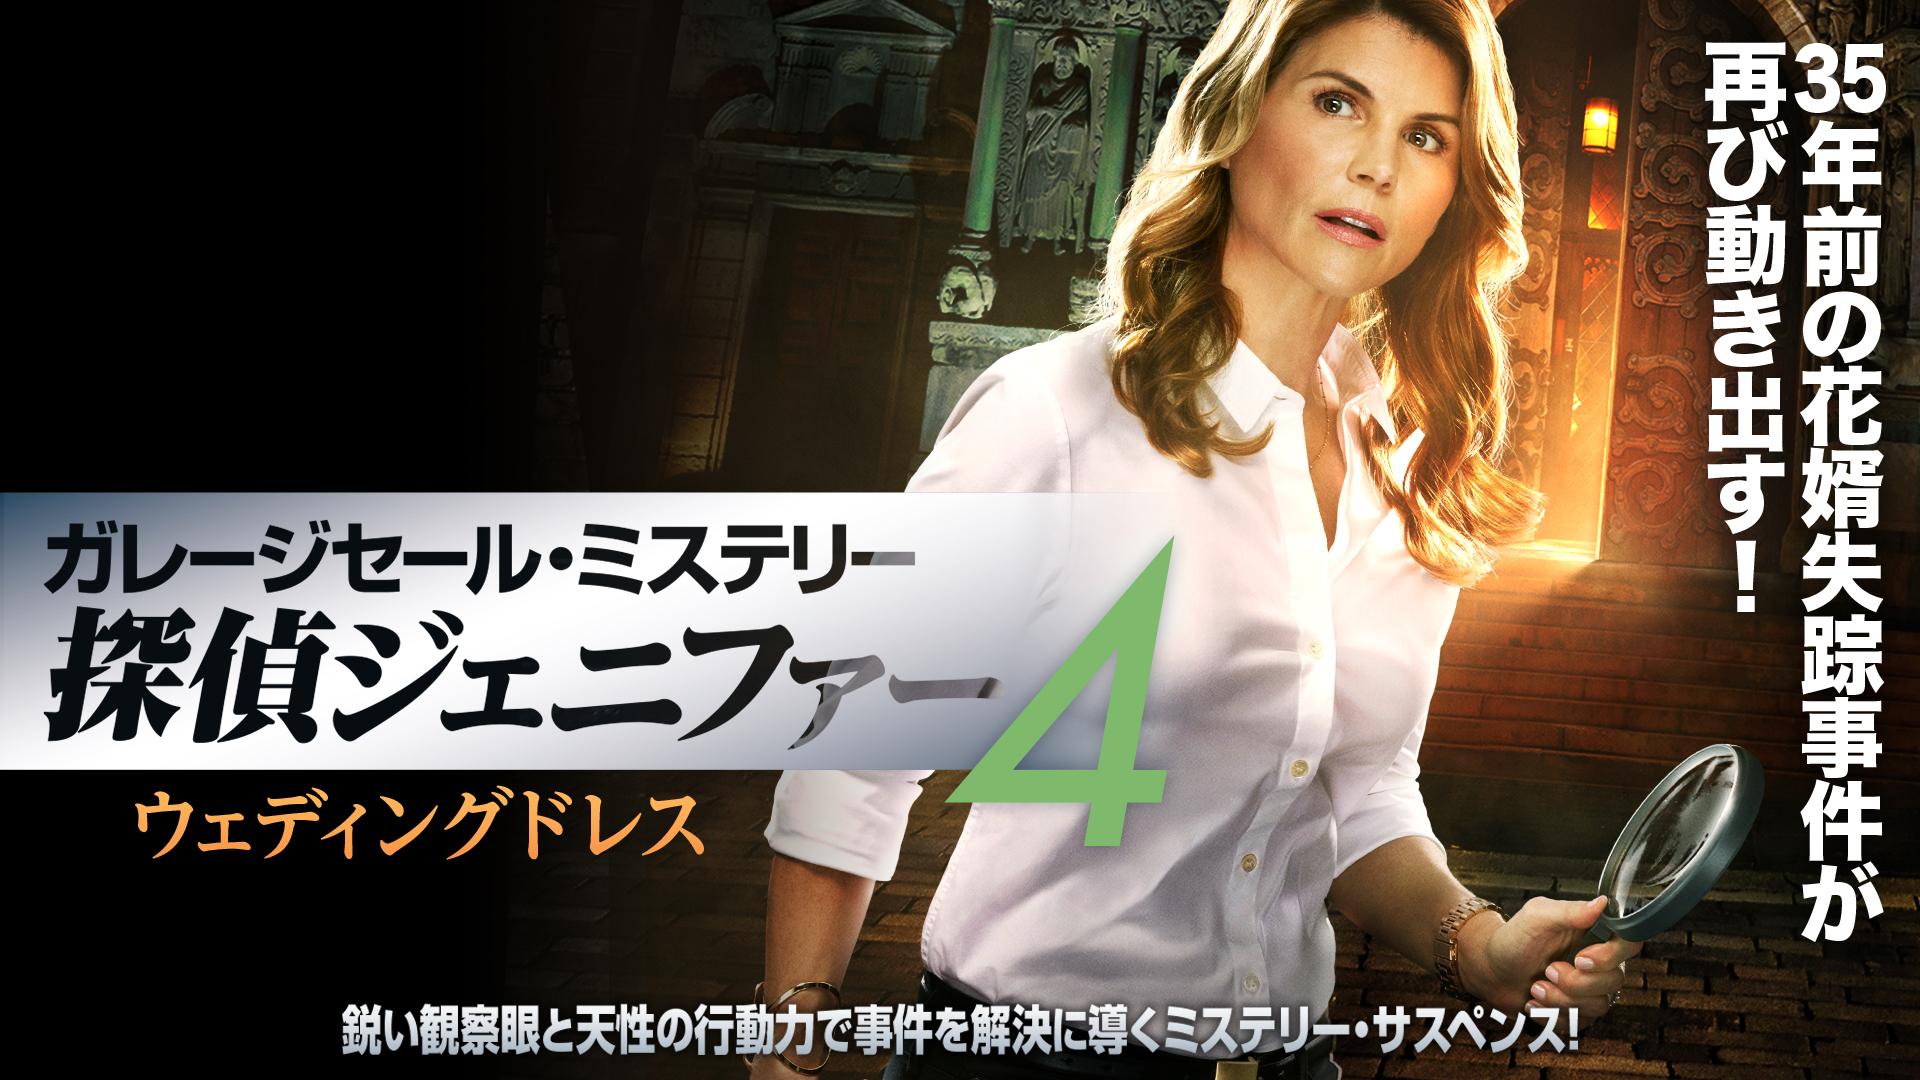 ガレージセール・ミステリー 探偵ジェニファー4 ウェディングドレス(字幕版)